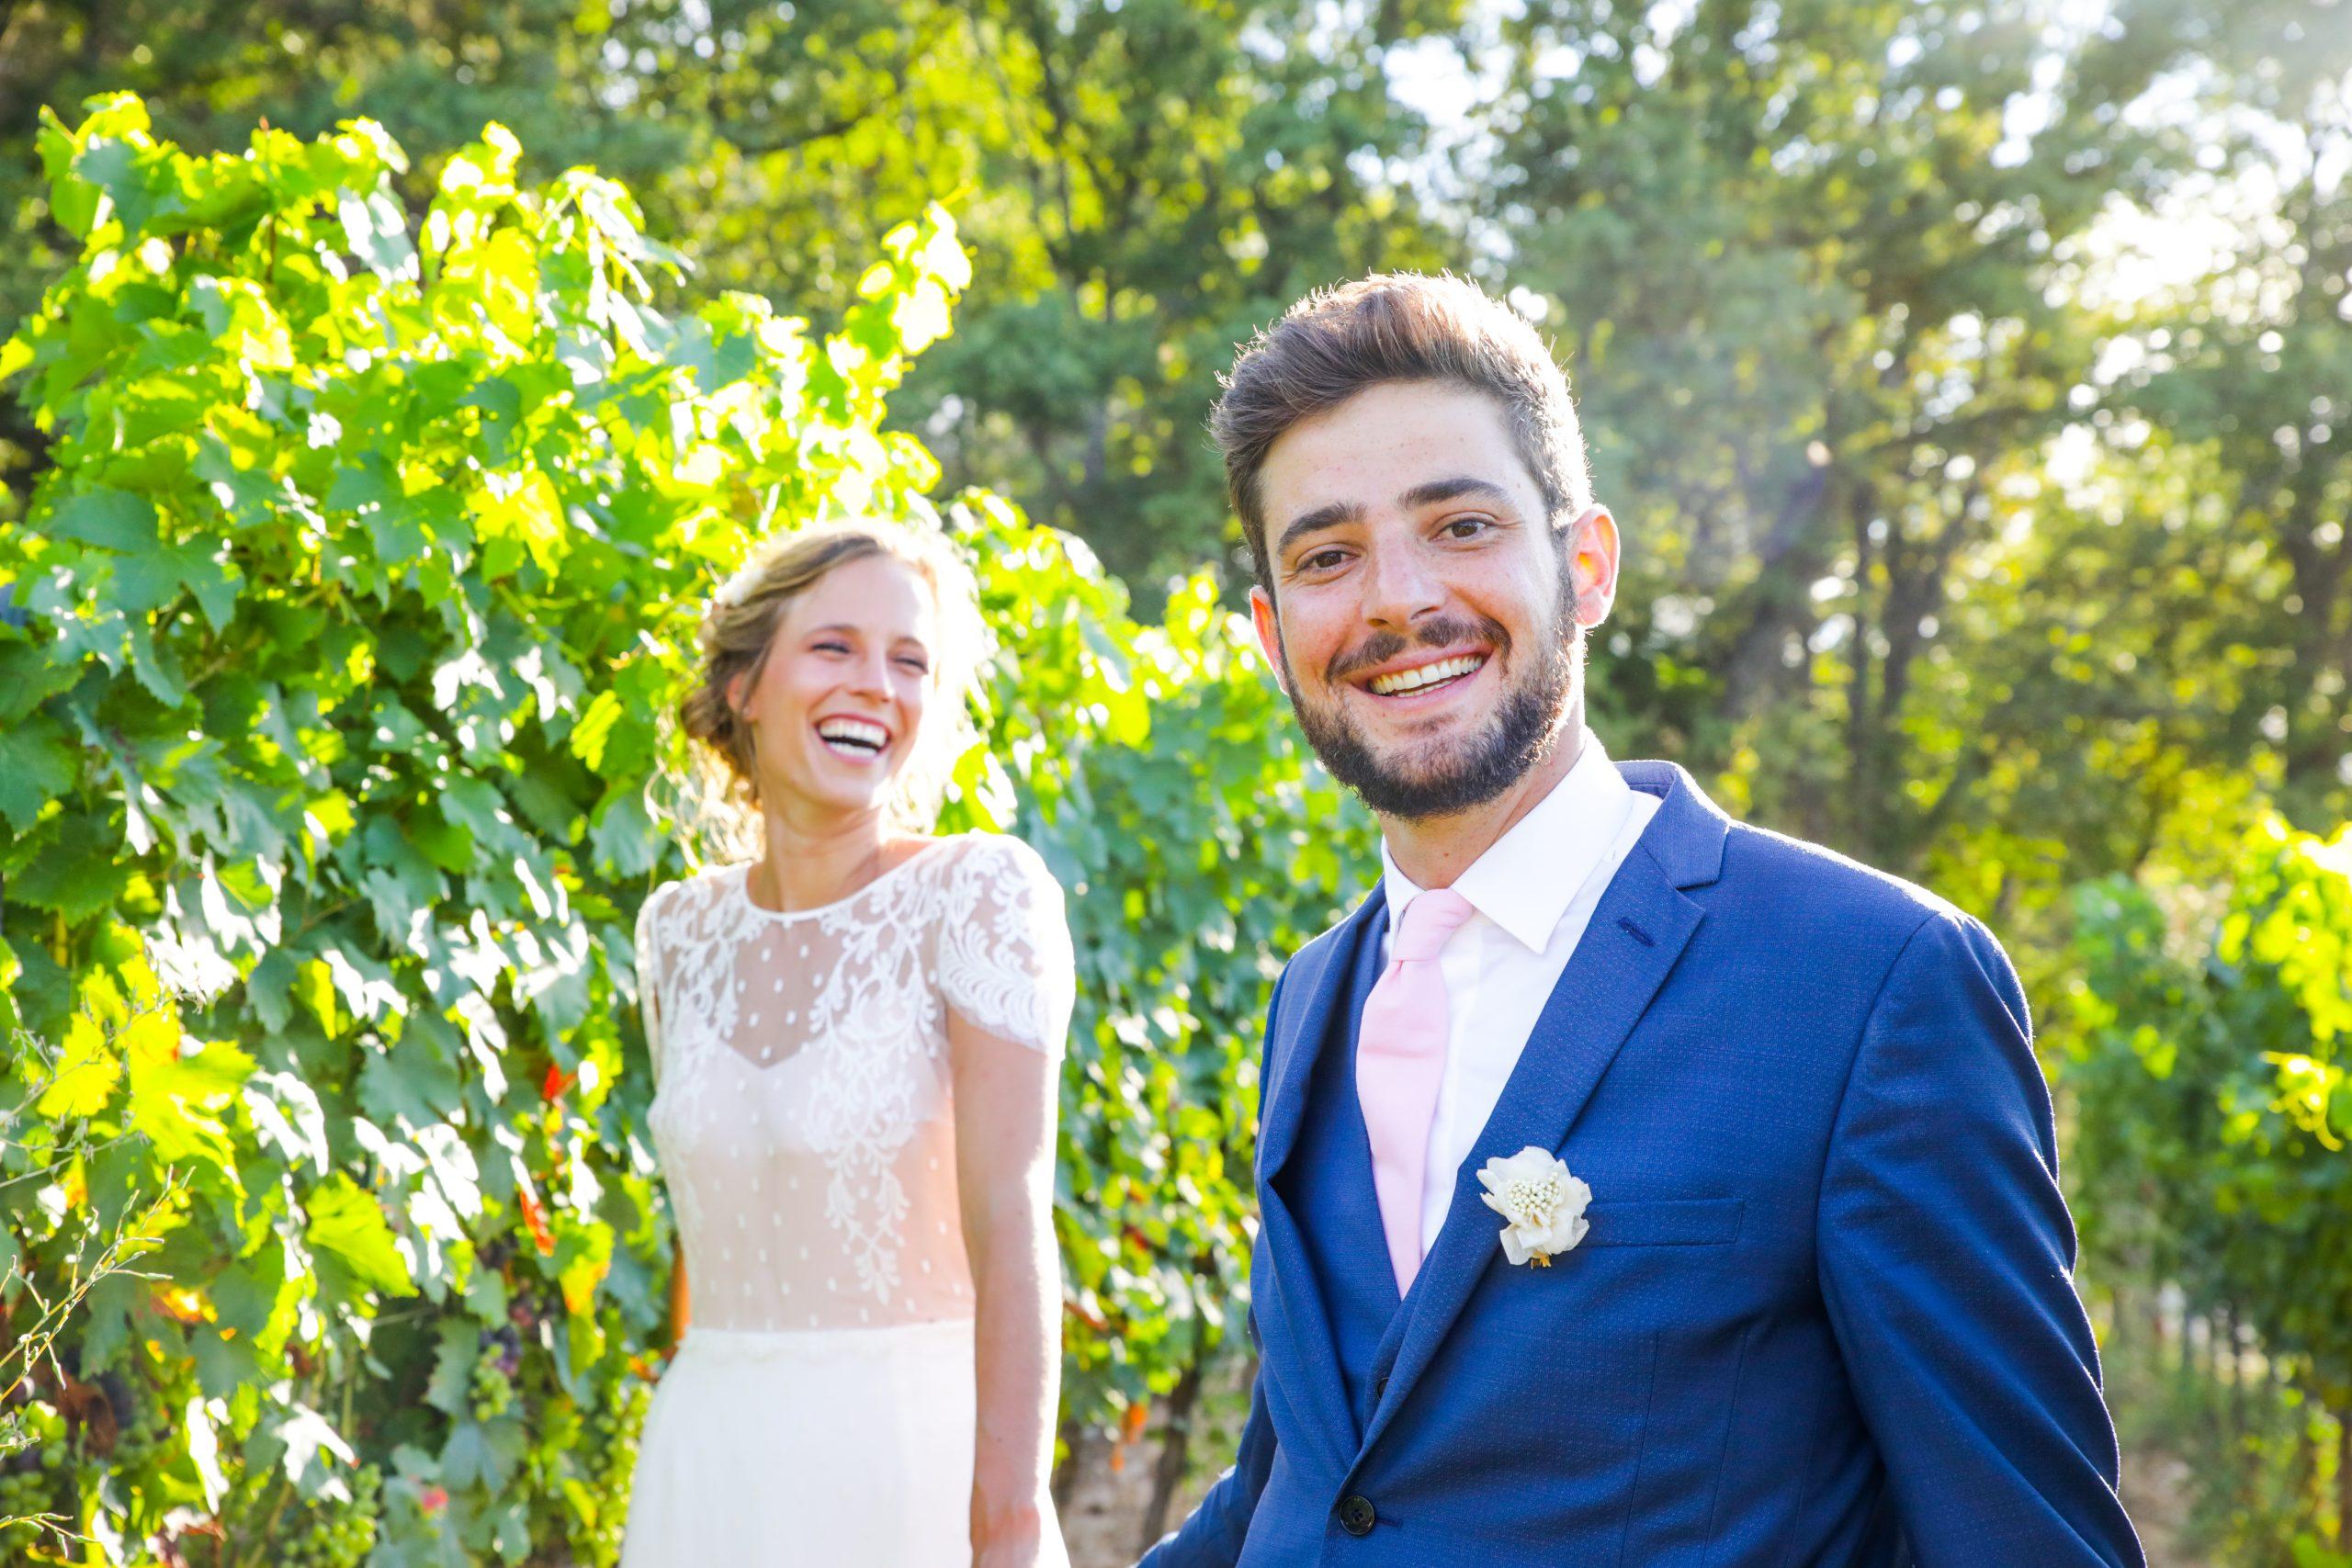 Photographie mariage - Photographe mariage - Paris- Montpellier - Nice - original - couché du soleil - Mariage Hérault - Séance couple dans les vignes